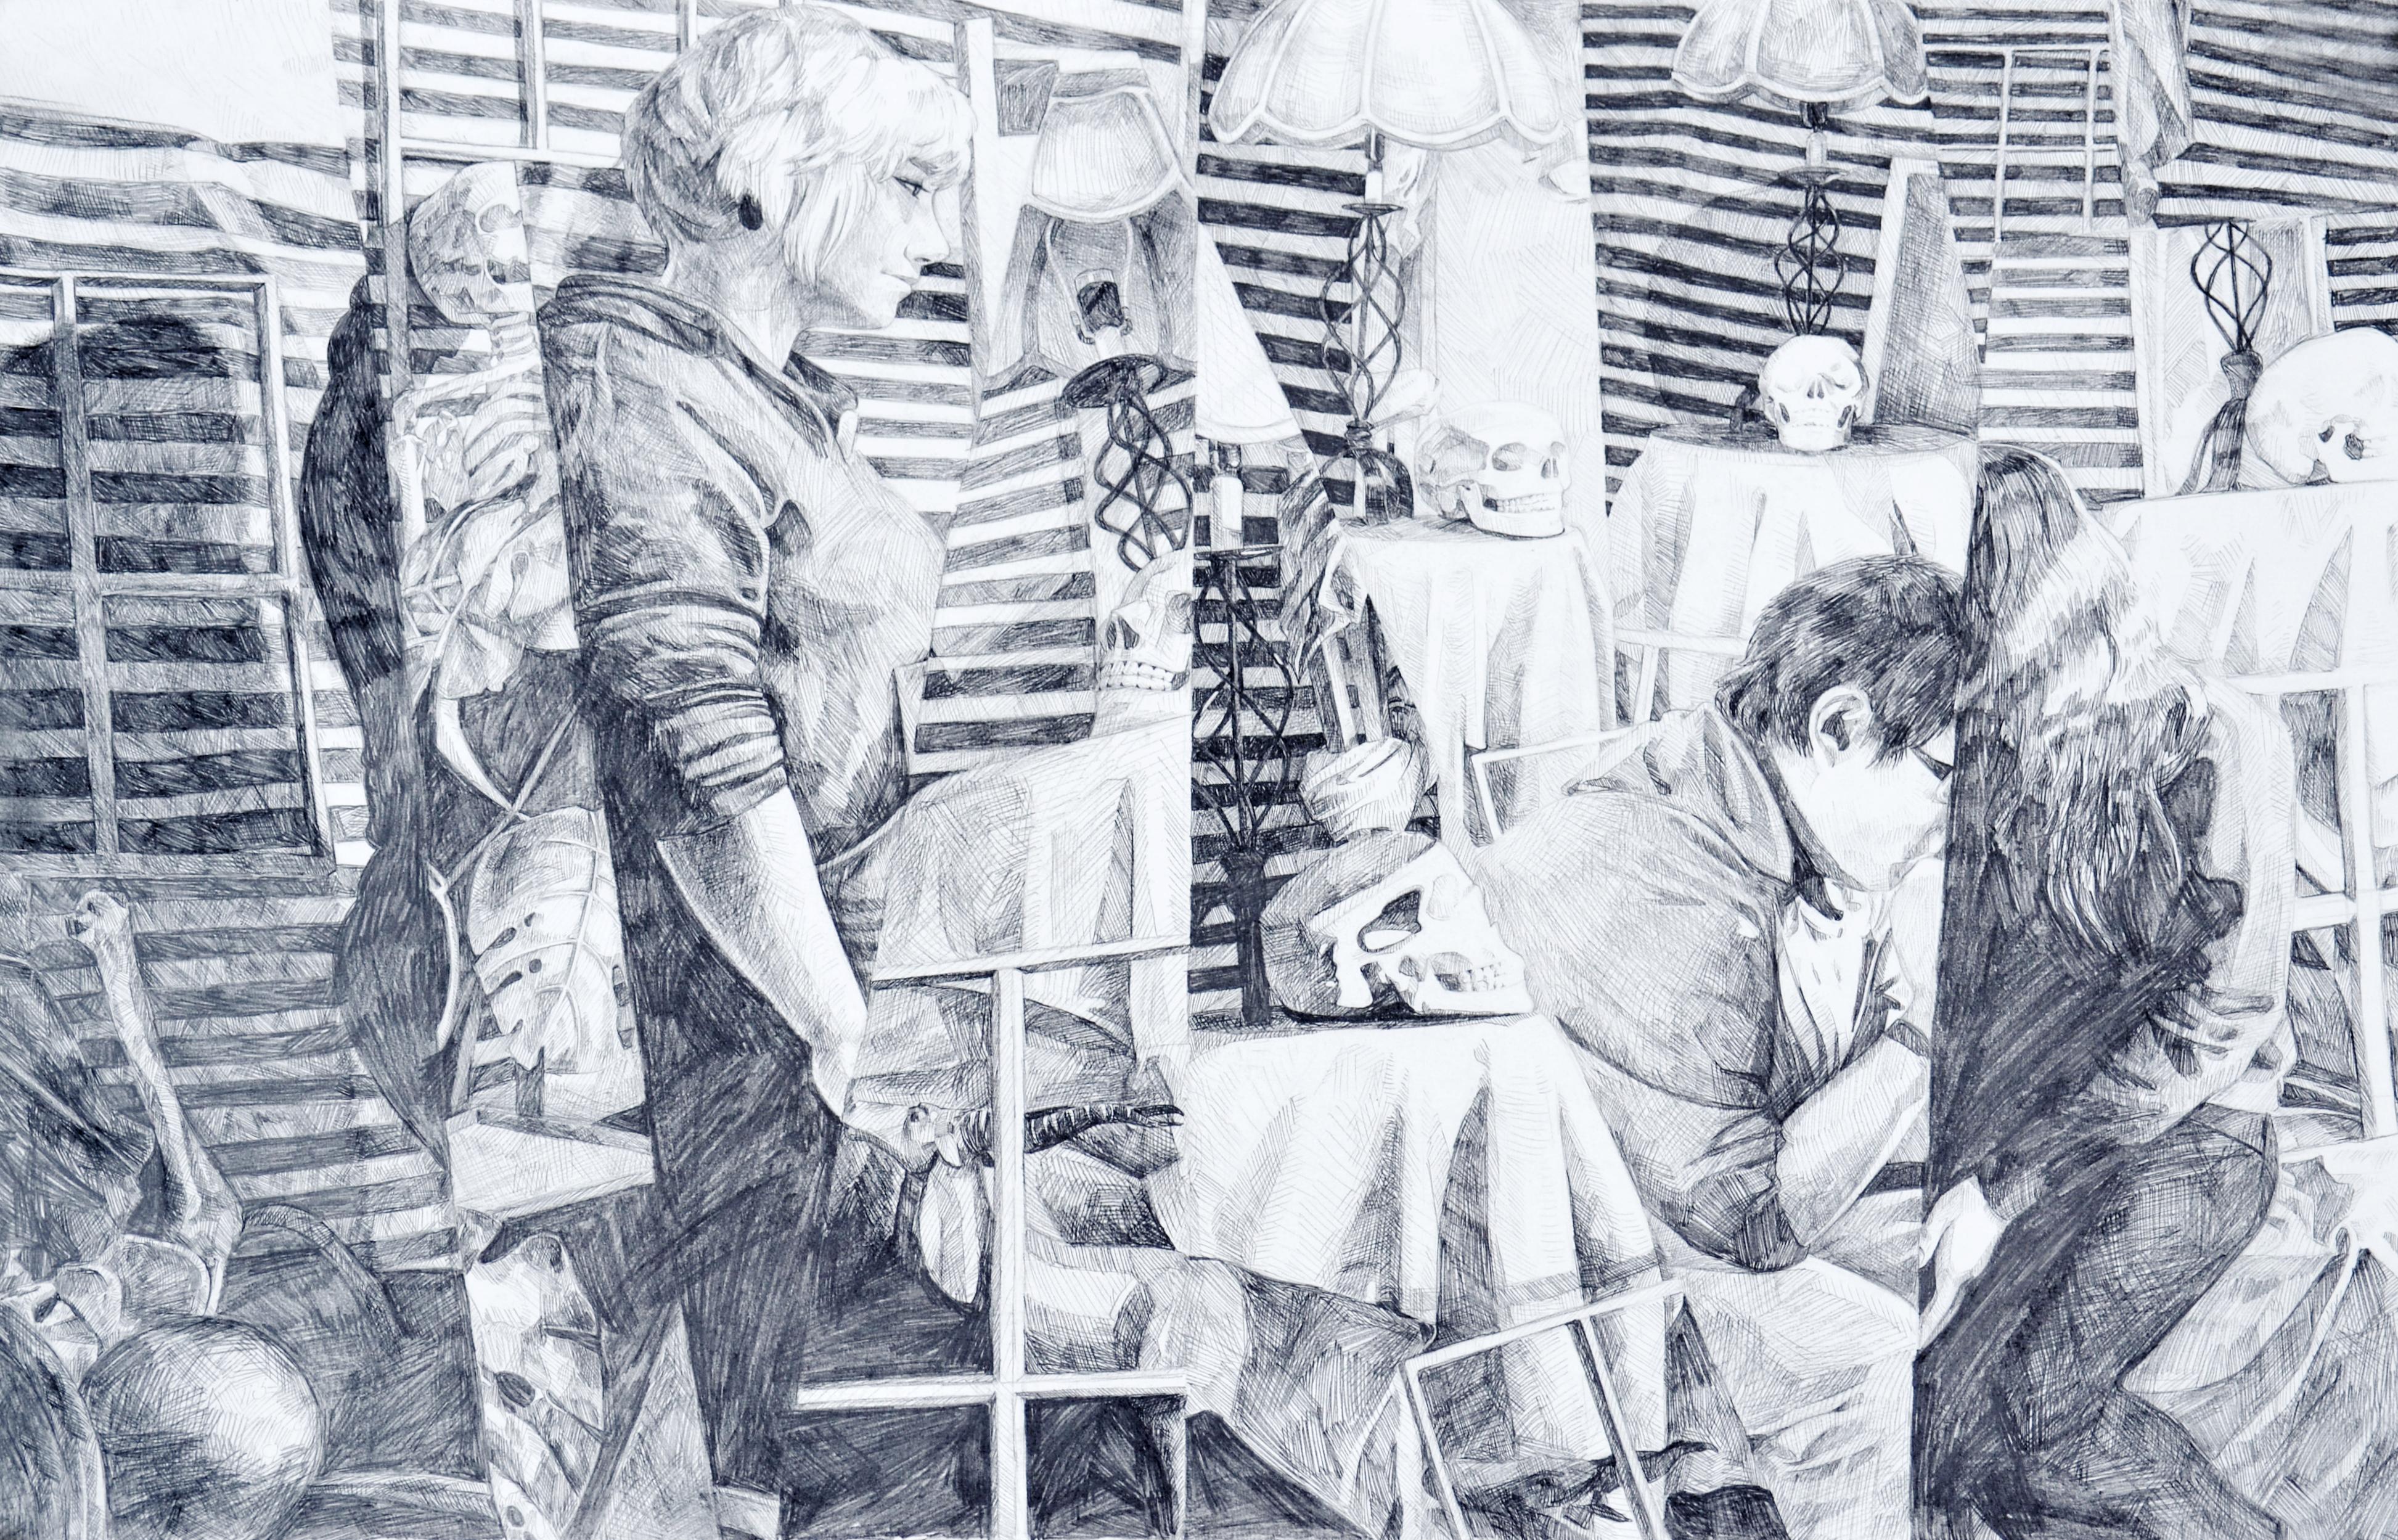 Final collage - graphite - 22x30